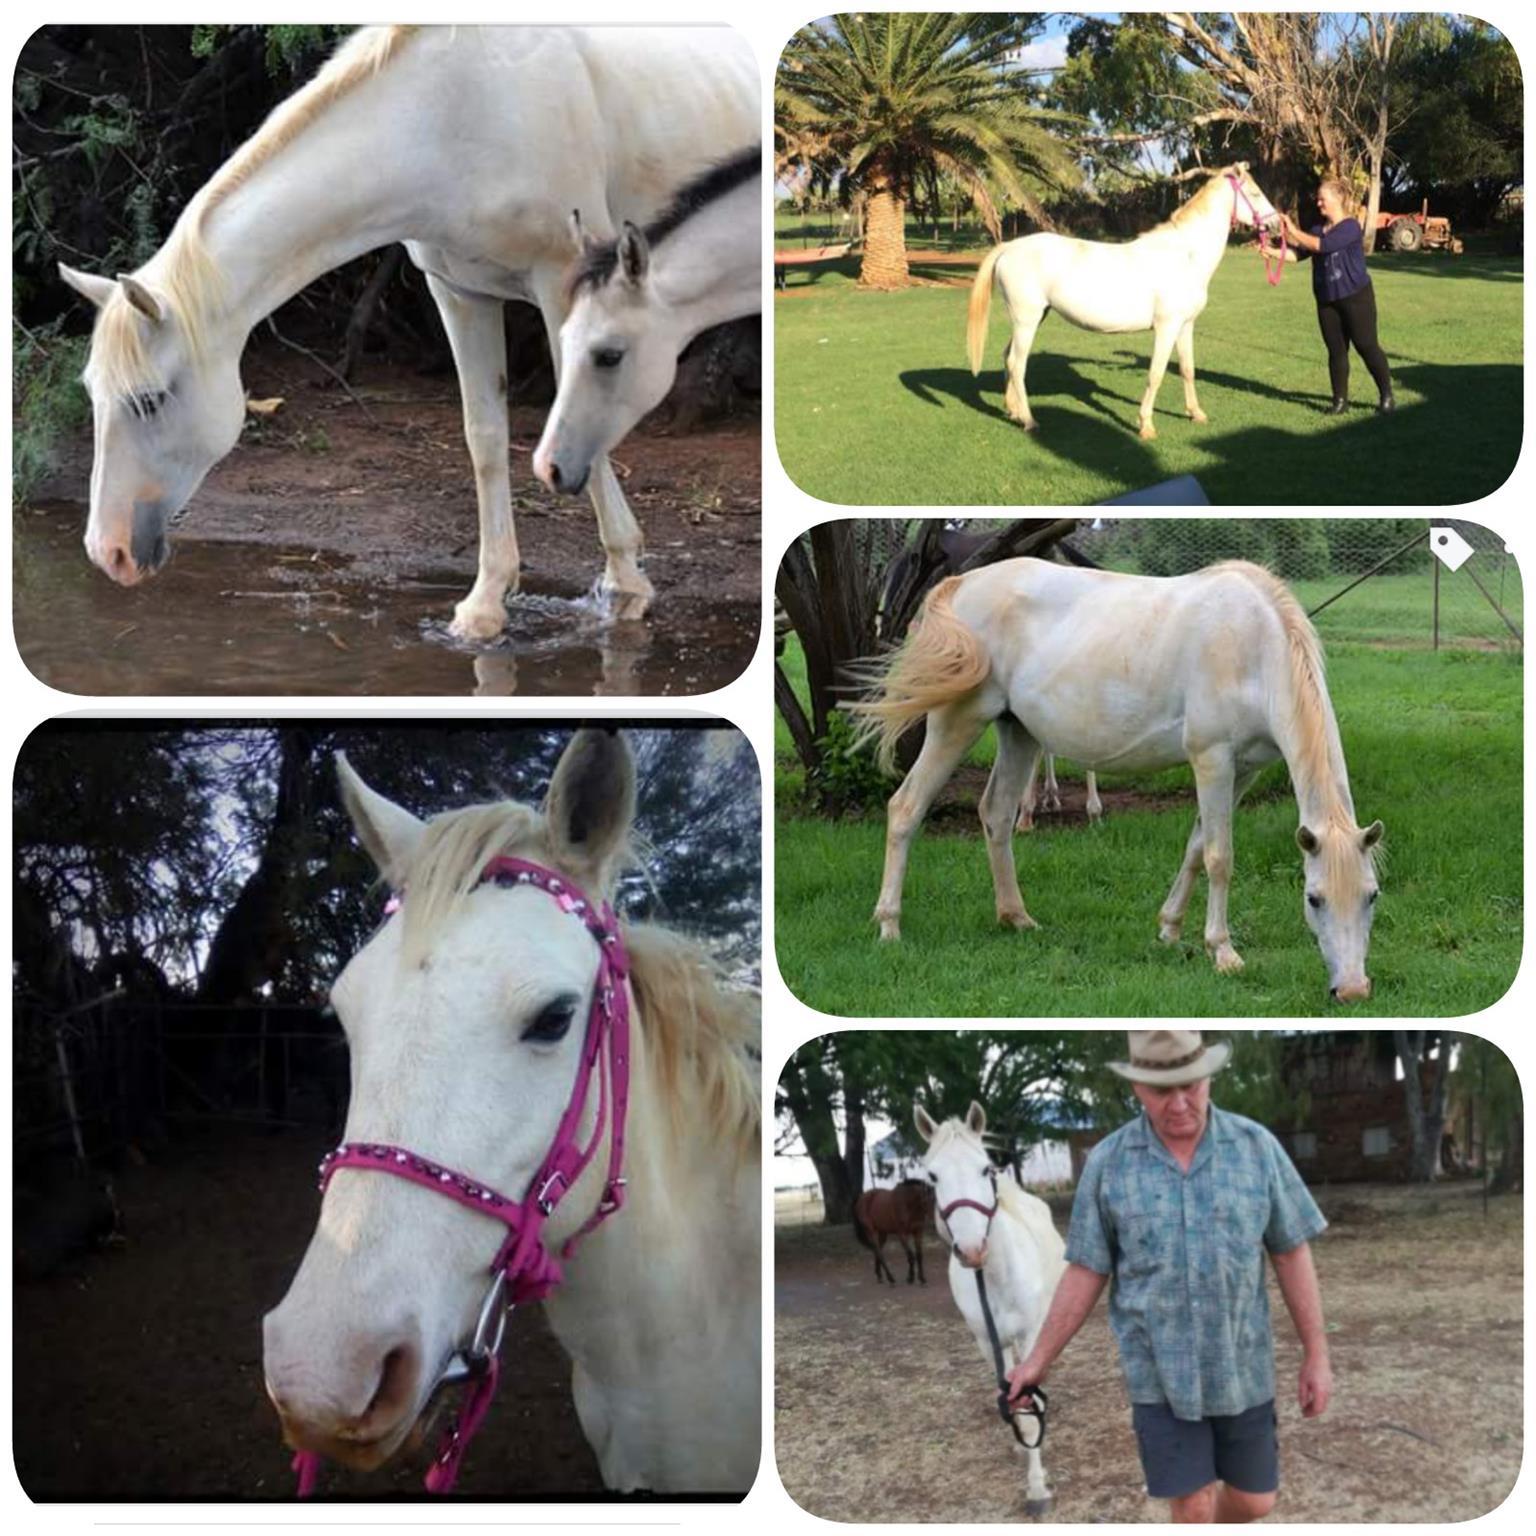 Nooitgedacht Merrie white horse, mak perd